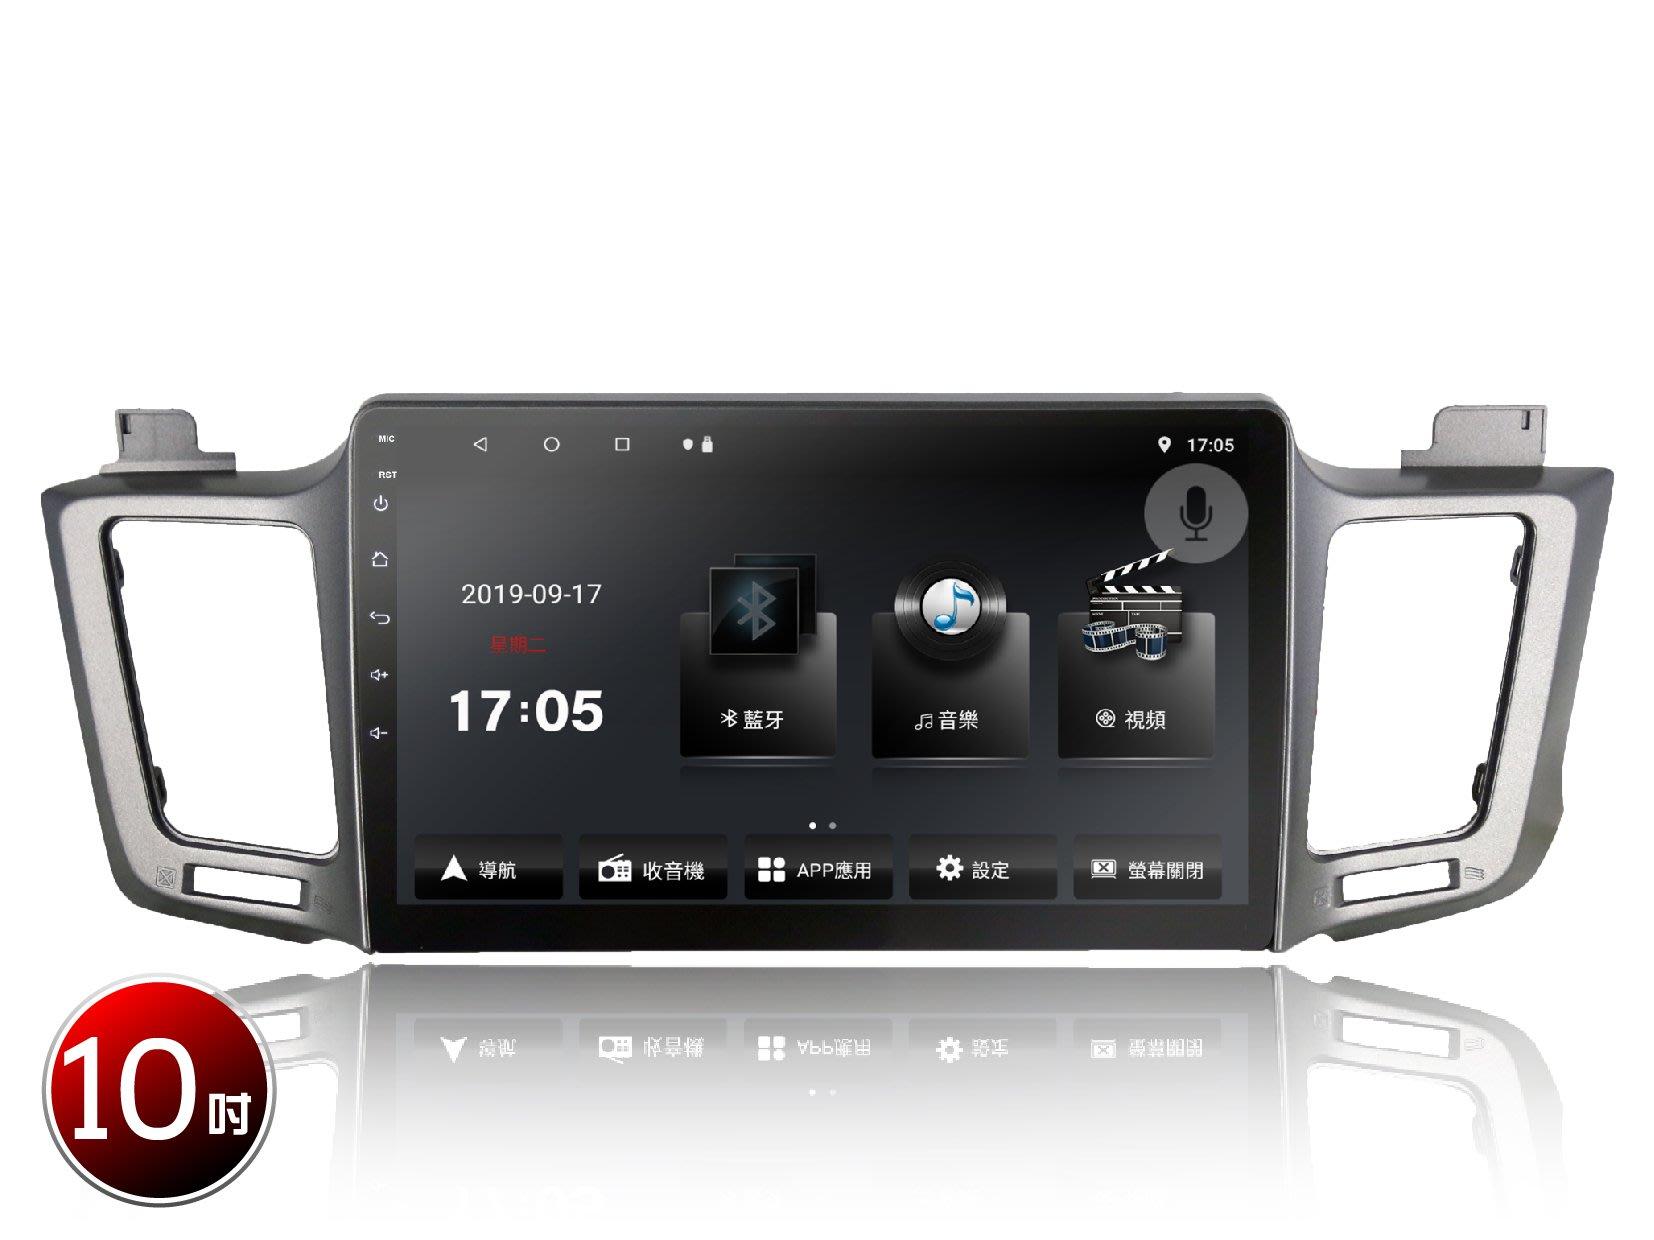 【全昇音響 】13RAV4 V33 10吋專用機 八核心 獨家雙聲控系統,最新功放IC:7851,音質再提昇